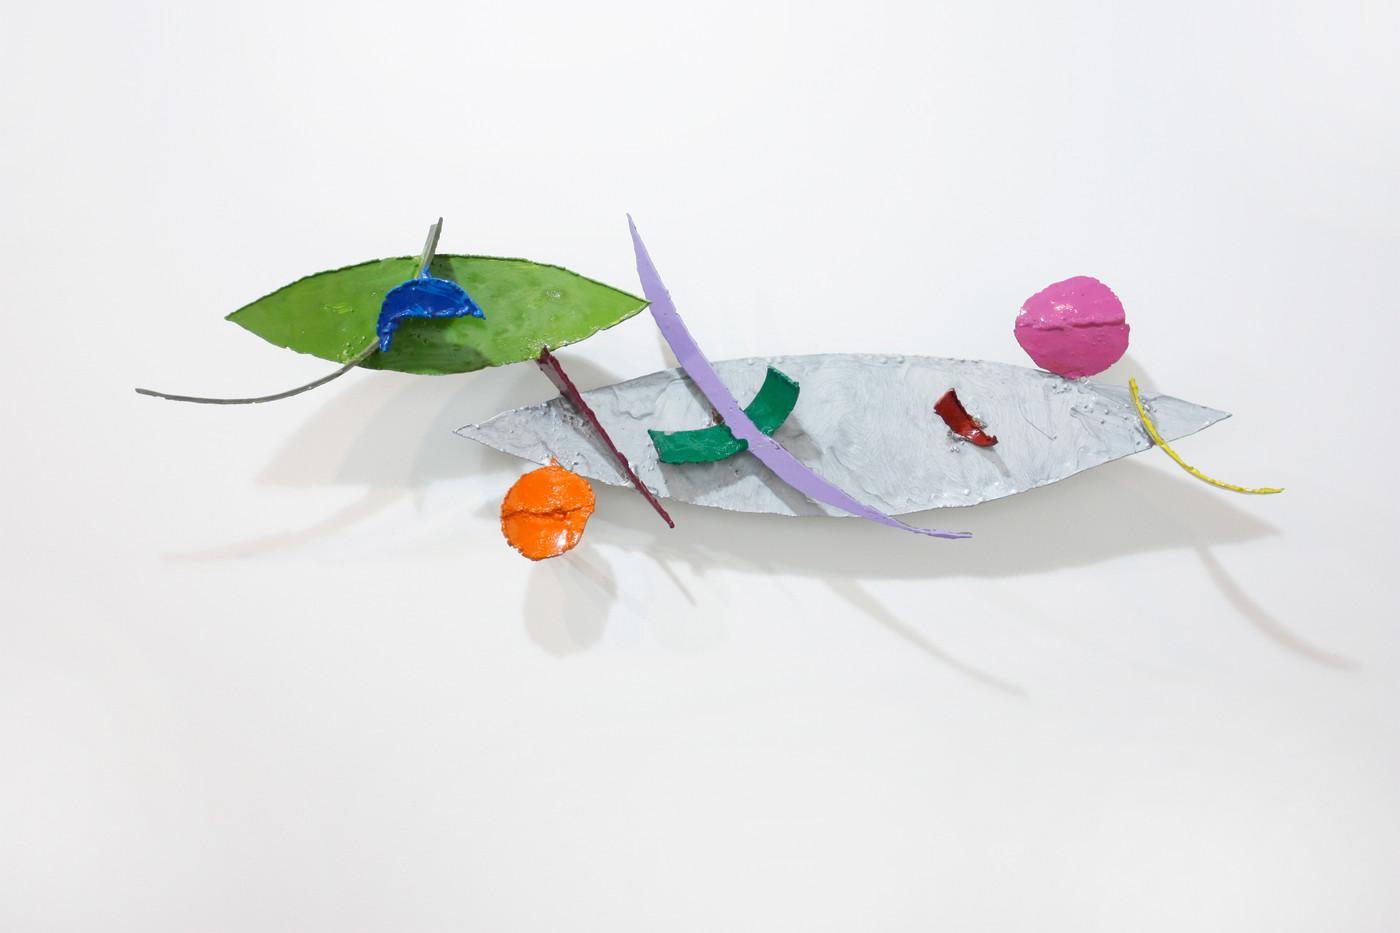 Barend de Wet | Object made to look like Art XIII | 2012 | Enamel Paint on Steel |  92 x 29 x 20 cm